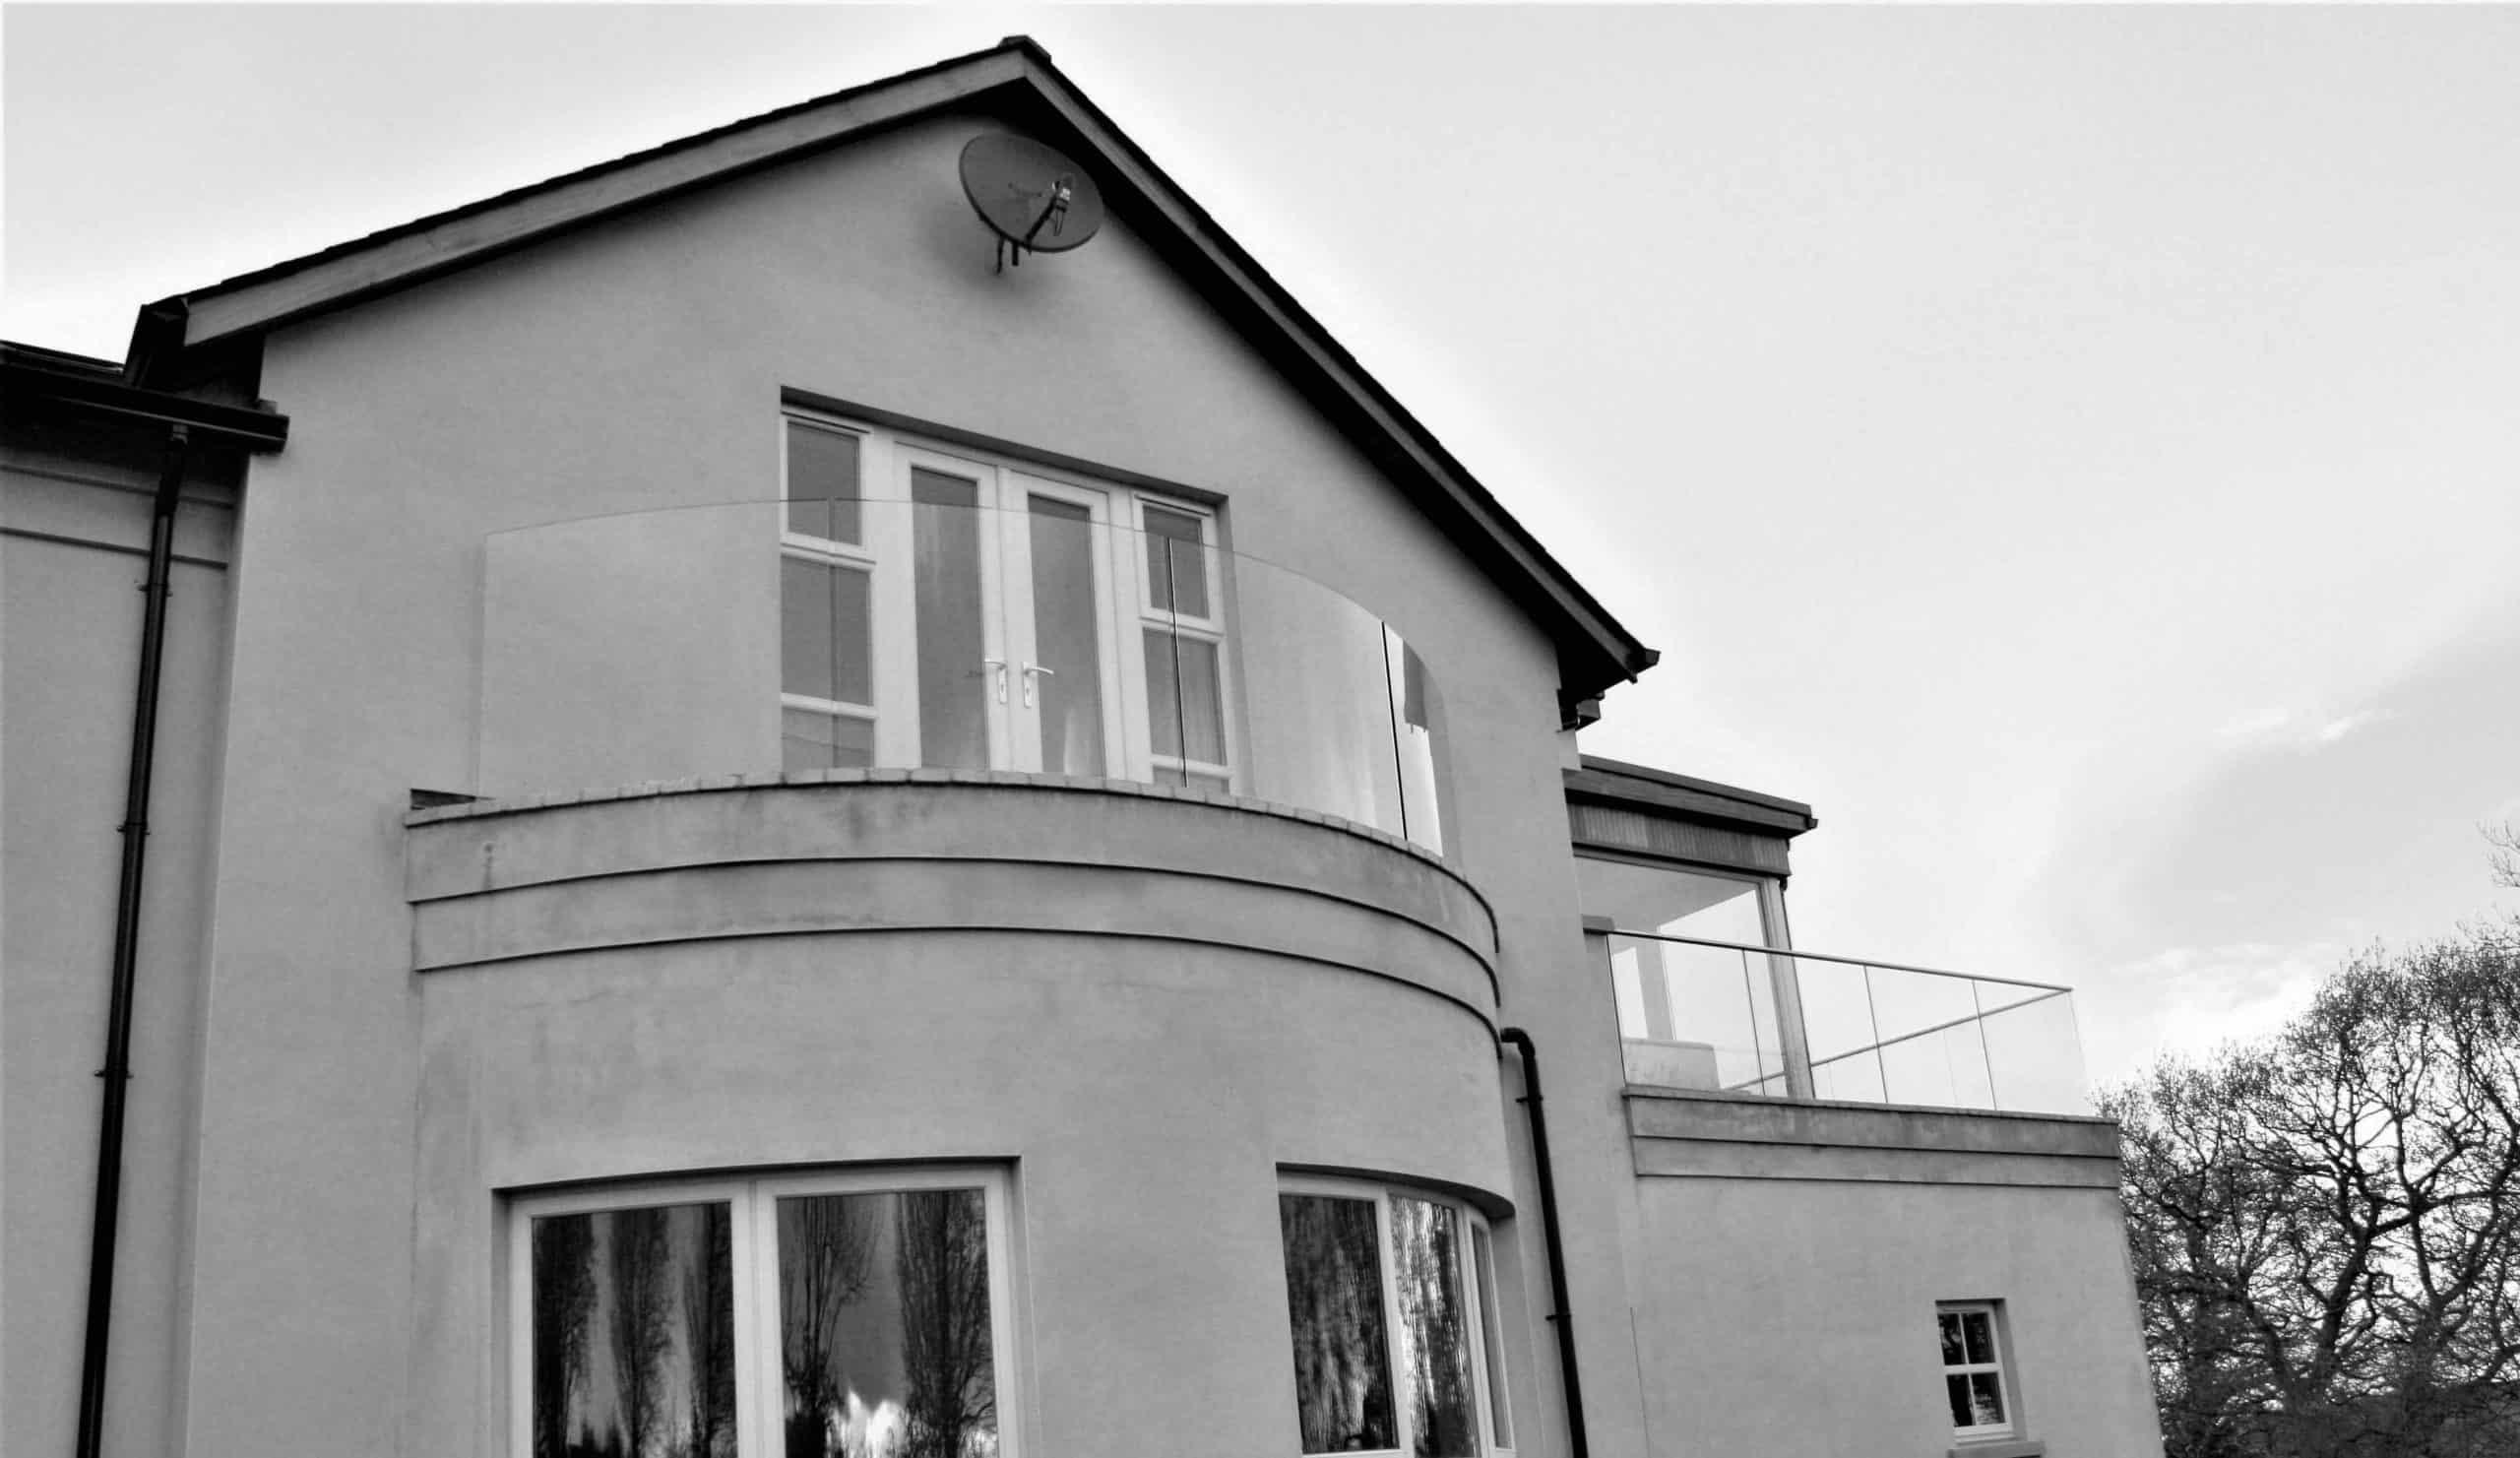 Killmartin - Curved Glass Balcony